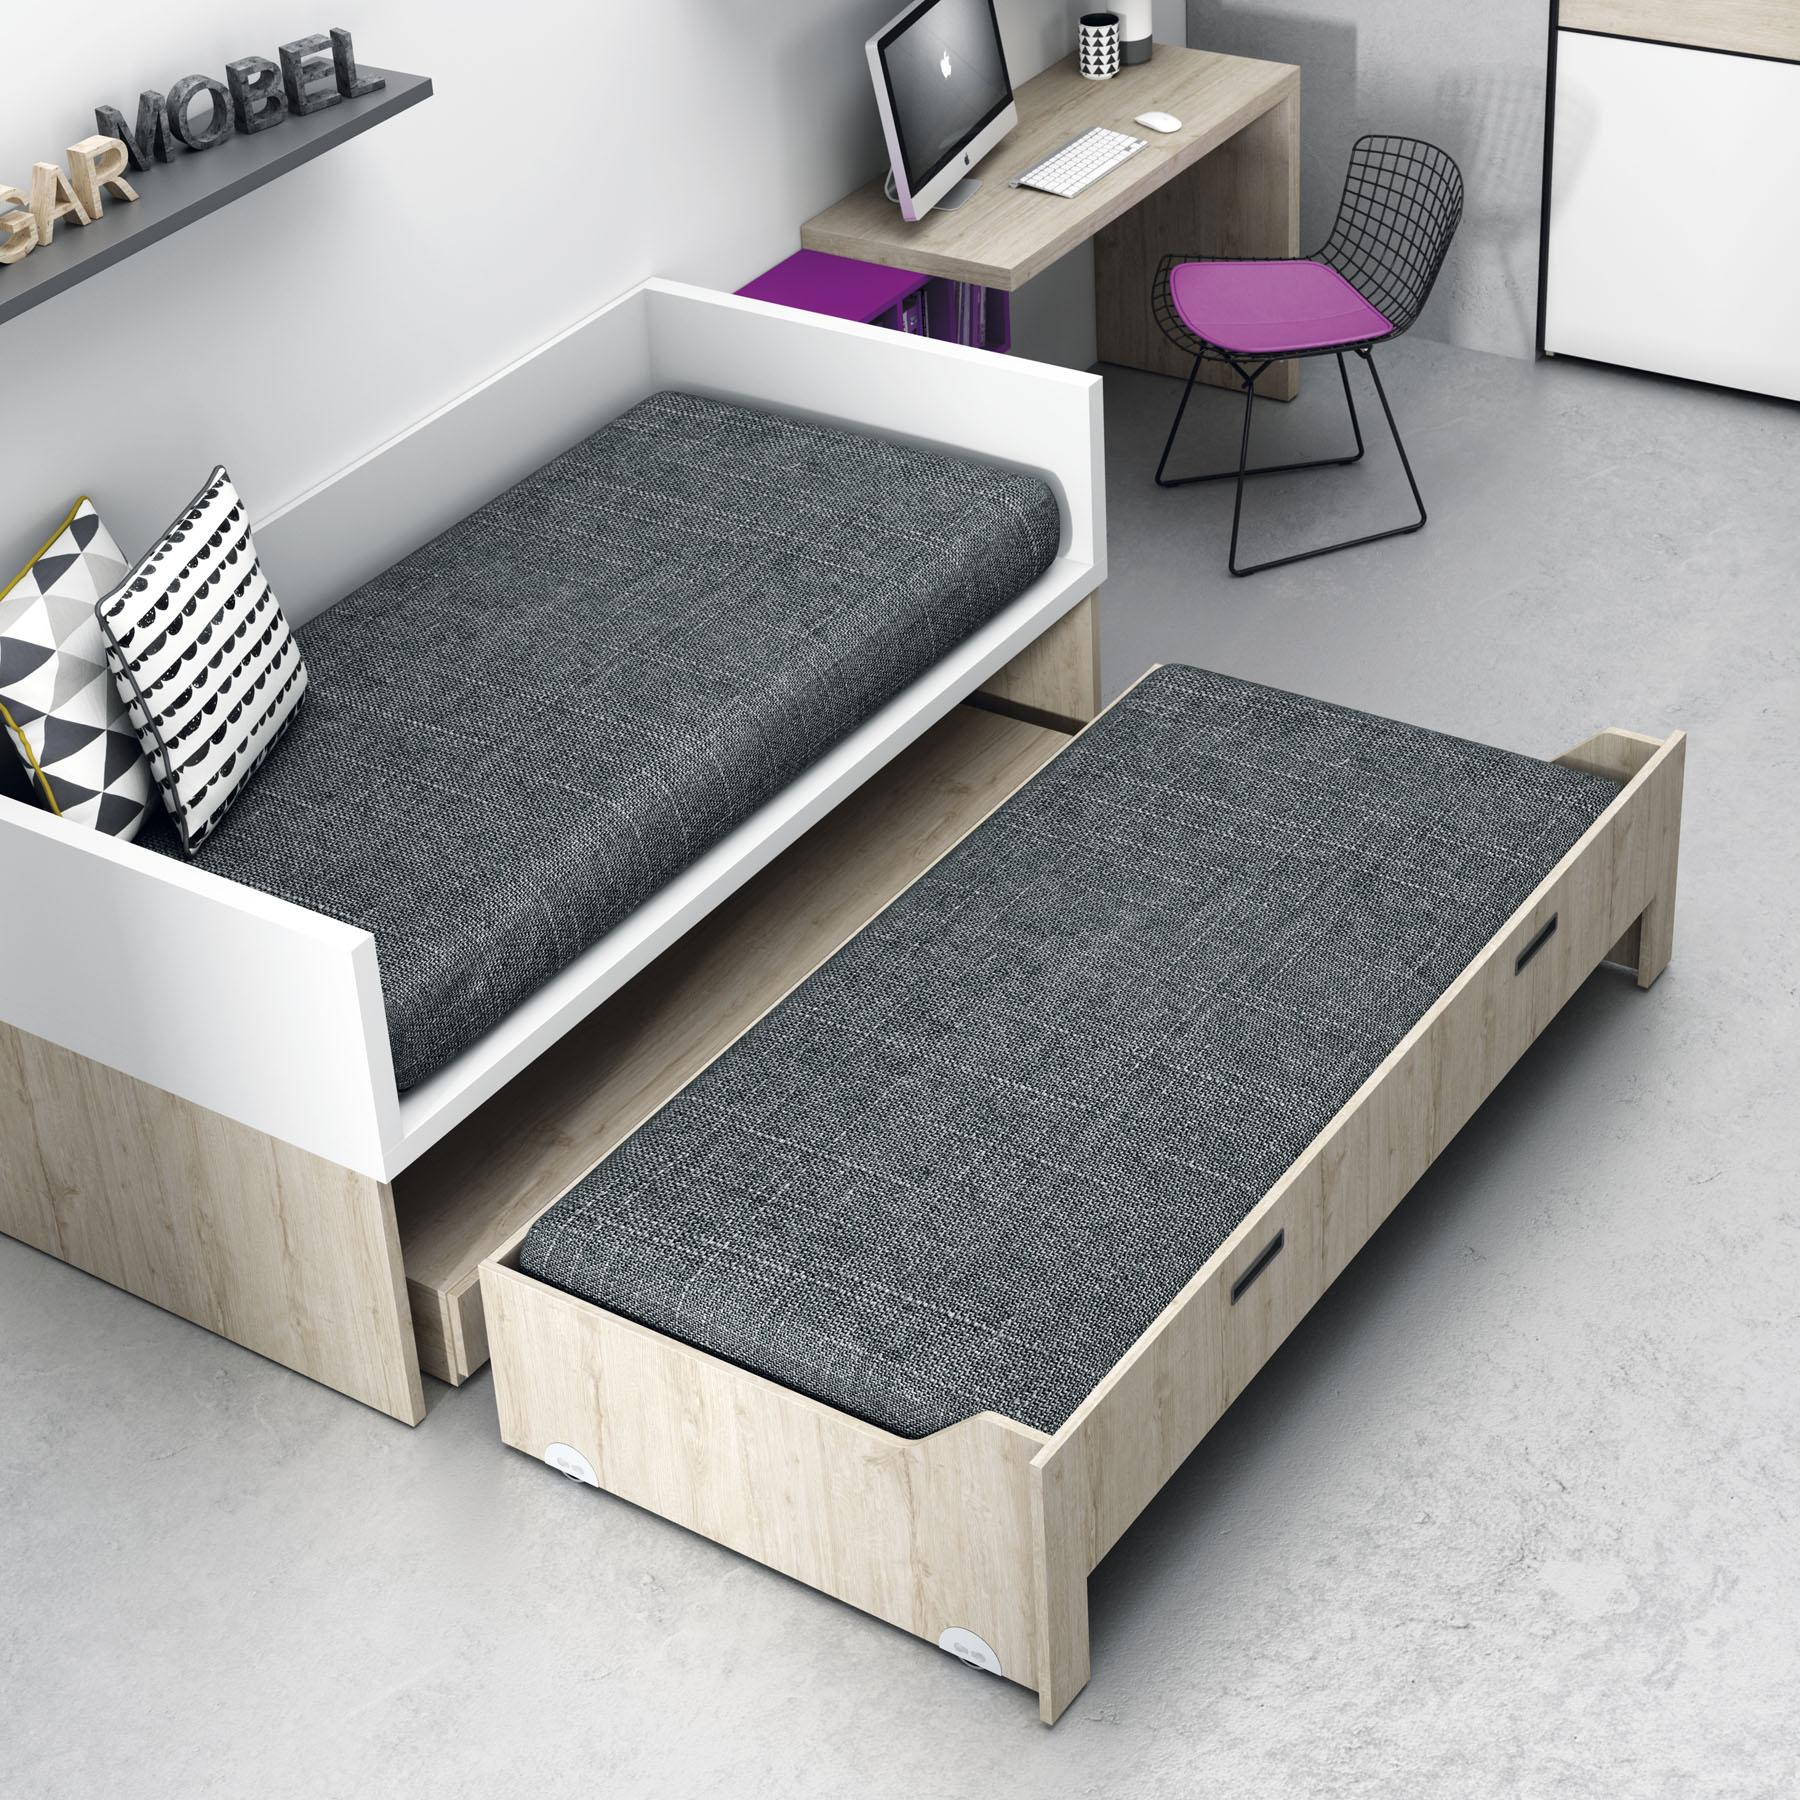 Compactos camas nido qb tegar for Cama con cama debajo